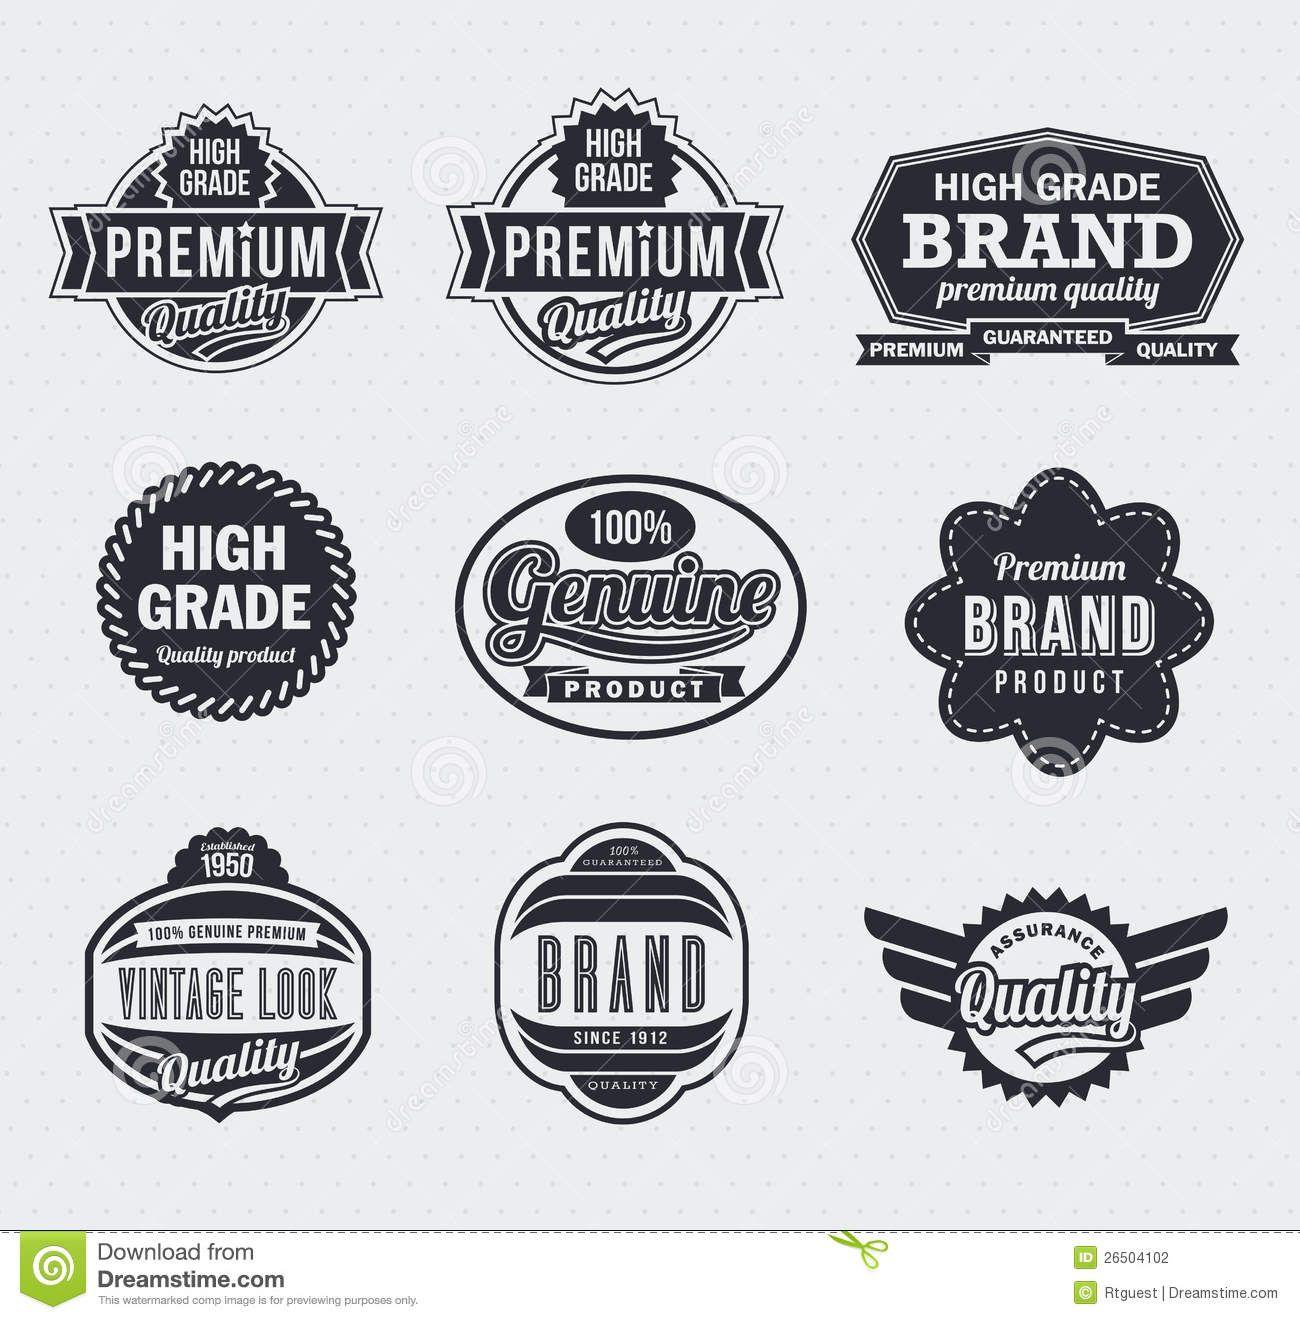 17 Best images about vintage logo on Pinterest | Logo design ...